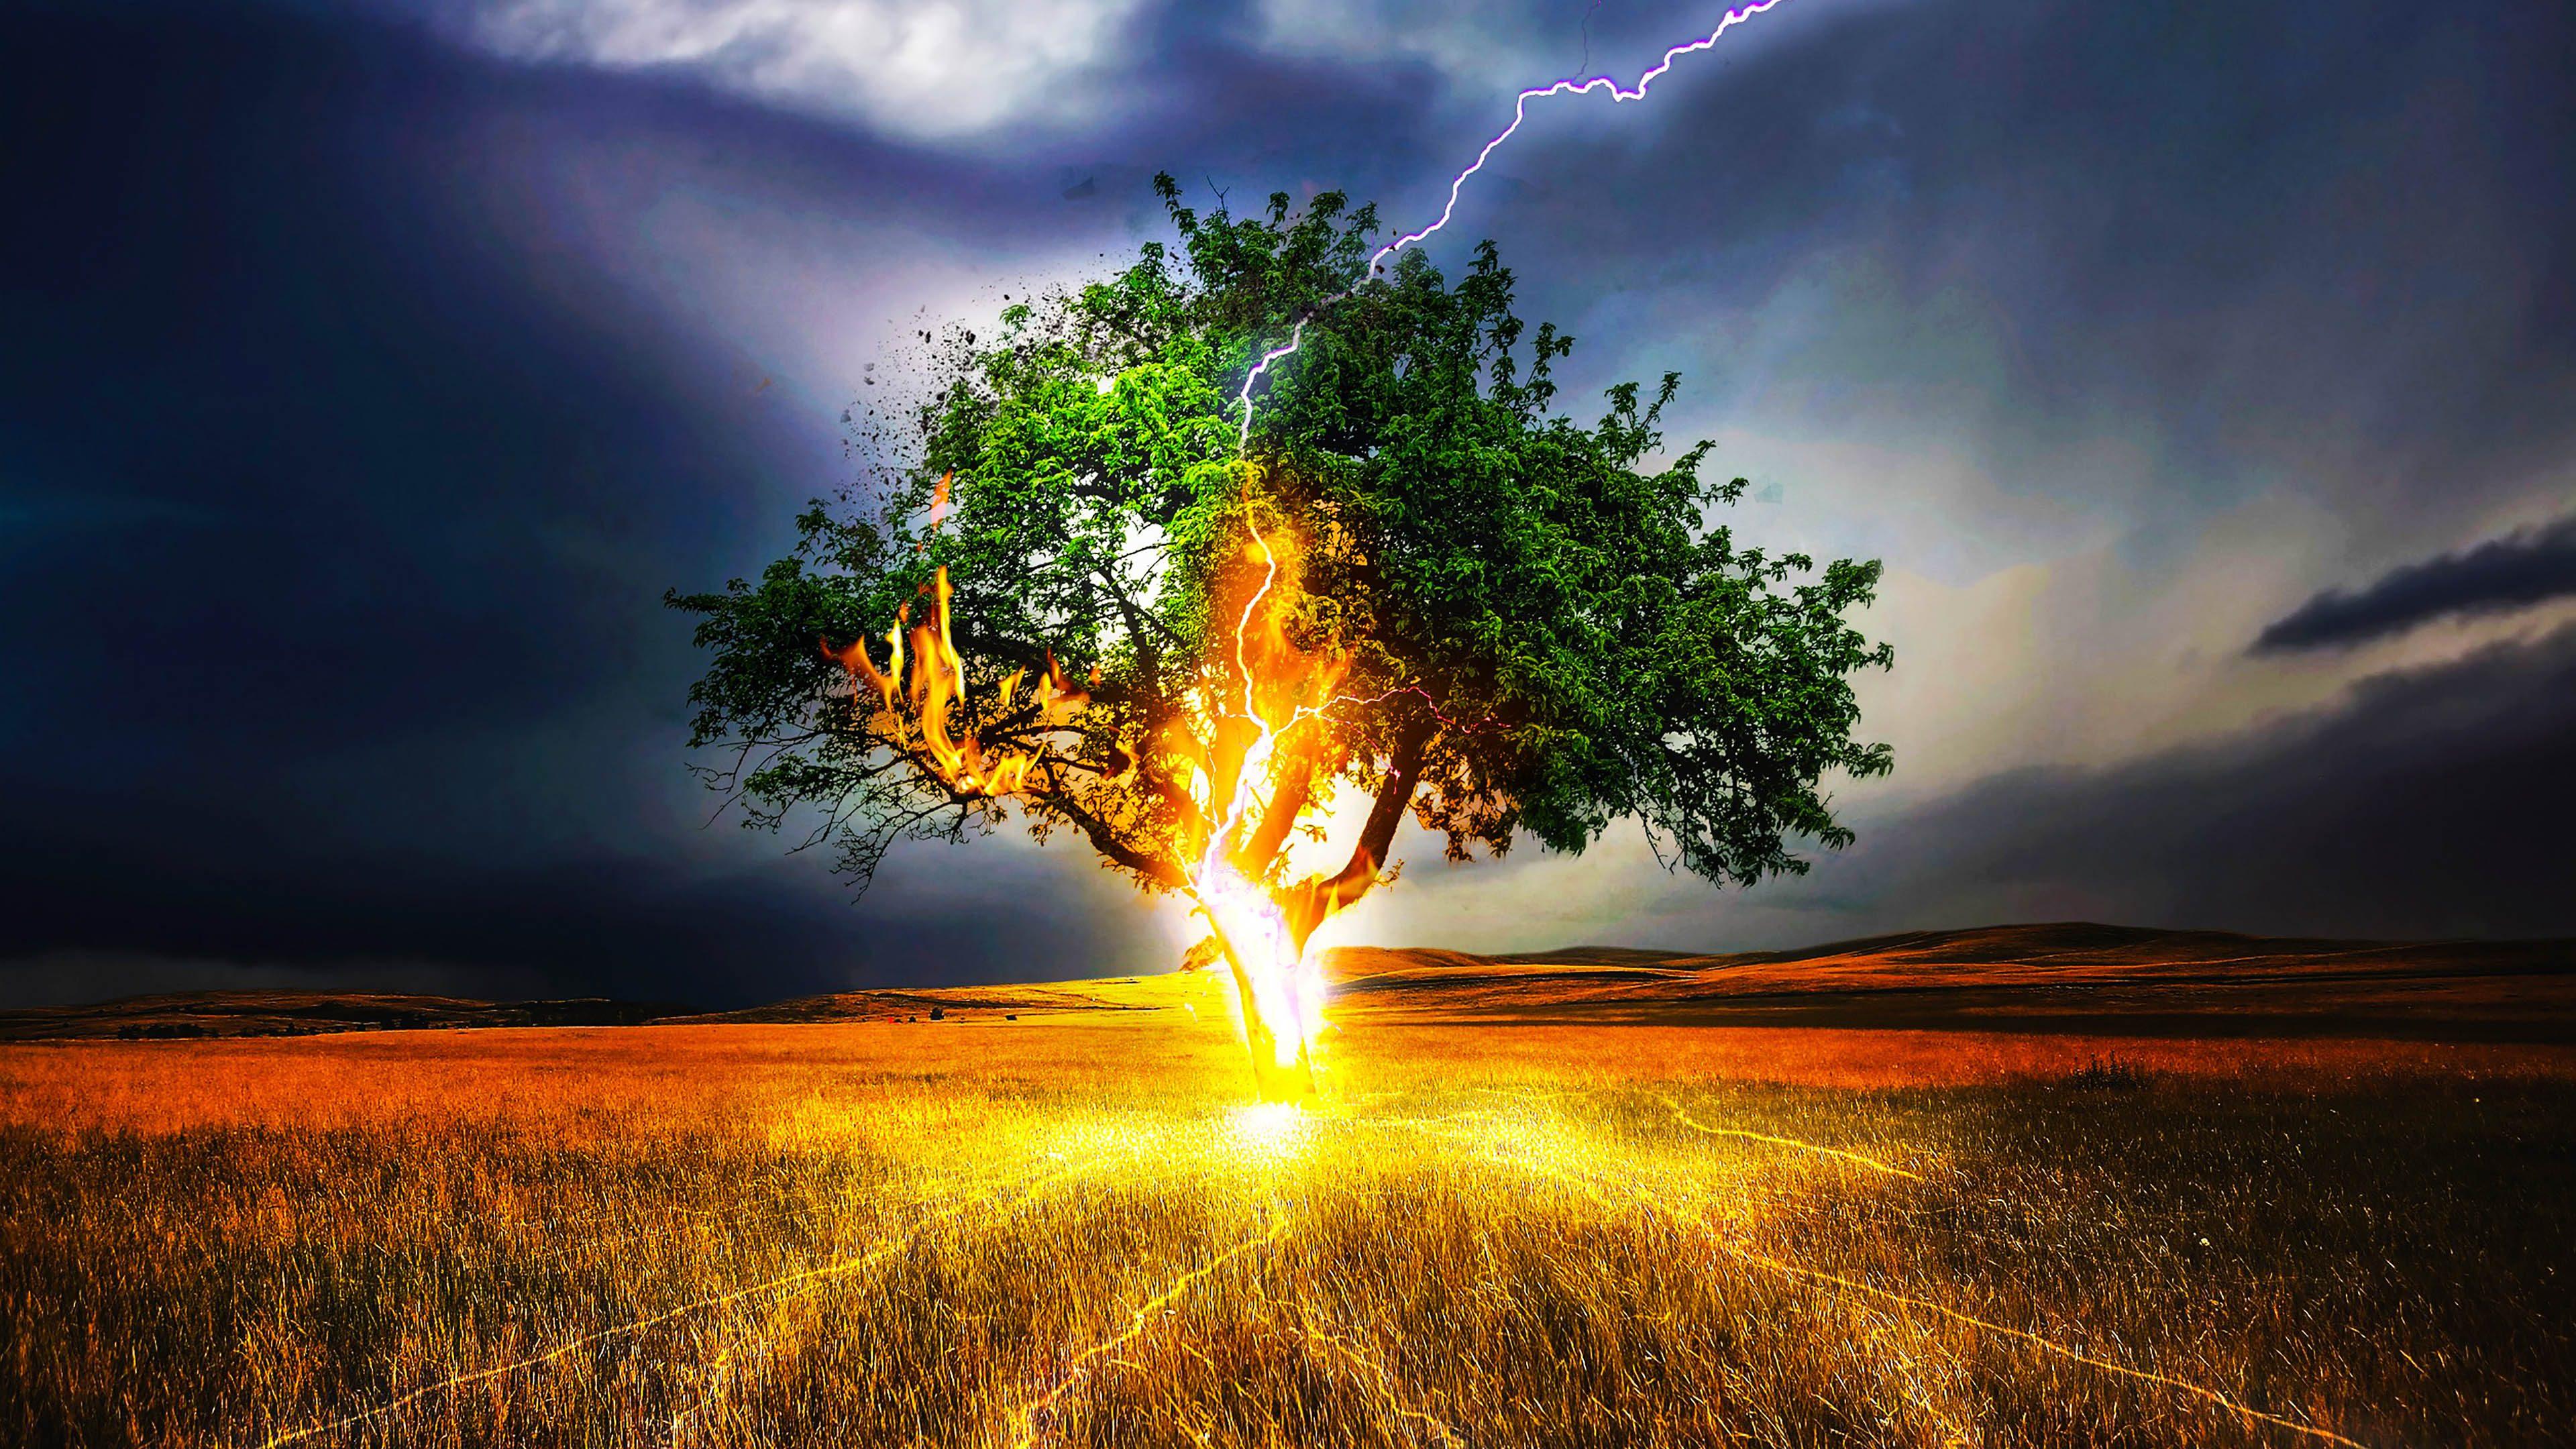 Tree Green Fire Lightning Strike Blue 4k Wallpaper Best